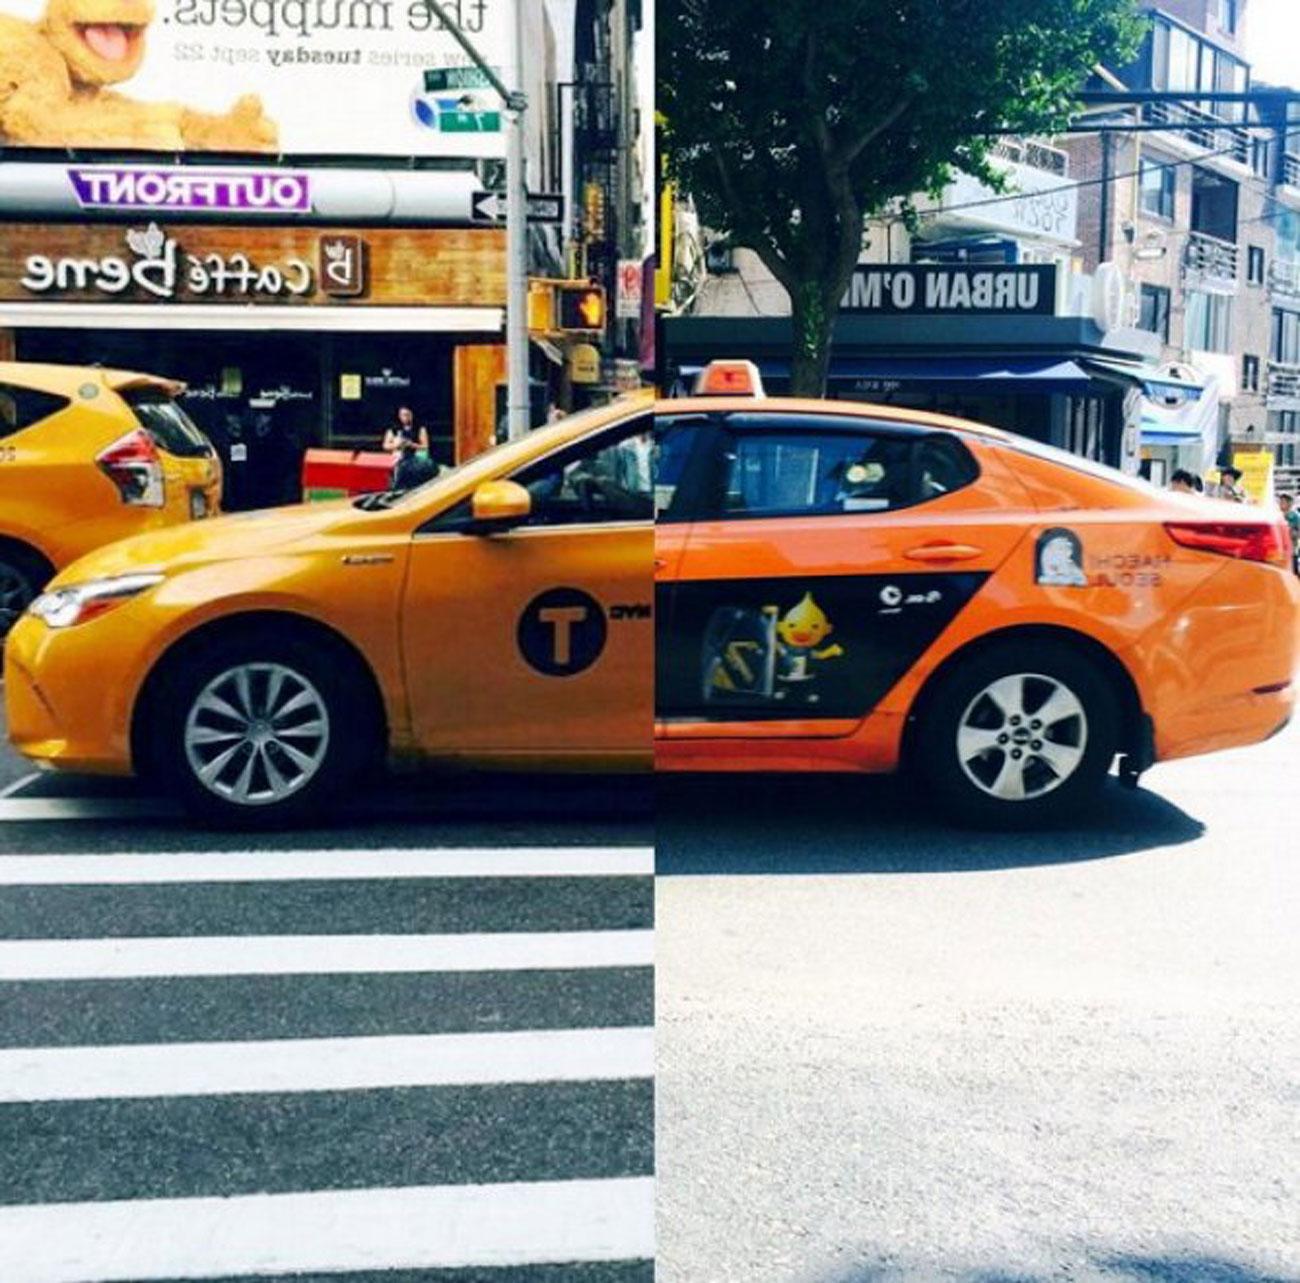 LISEOK e SHINDANBI taxi